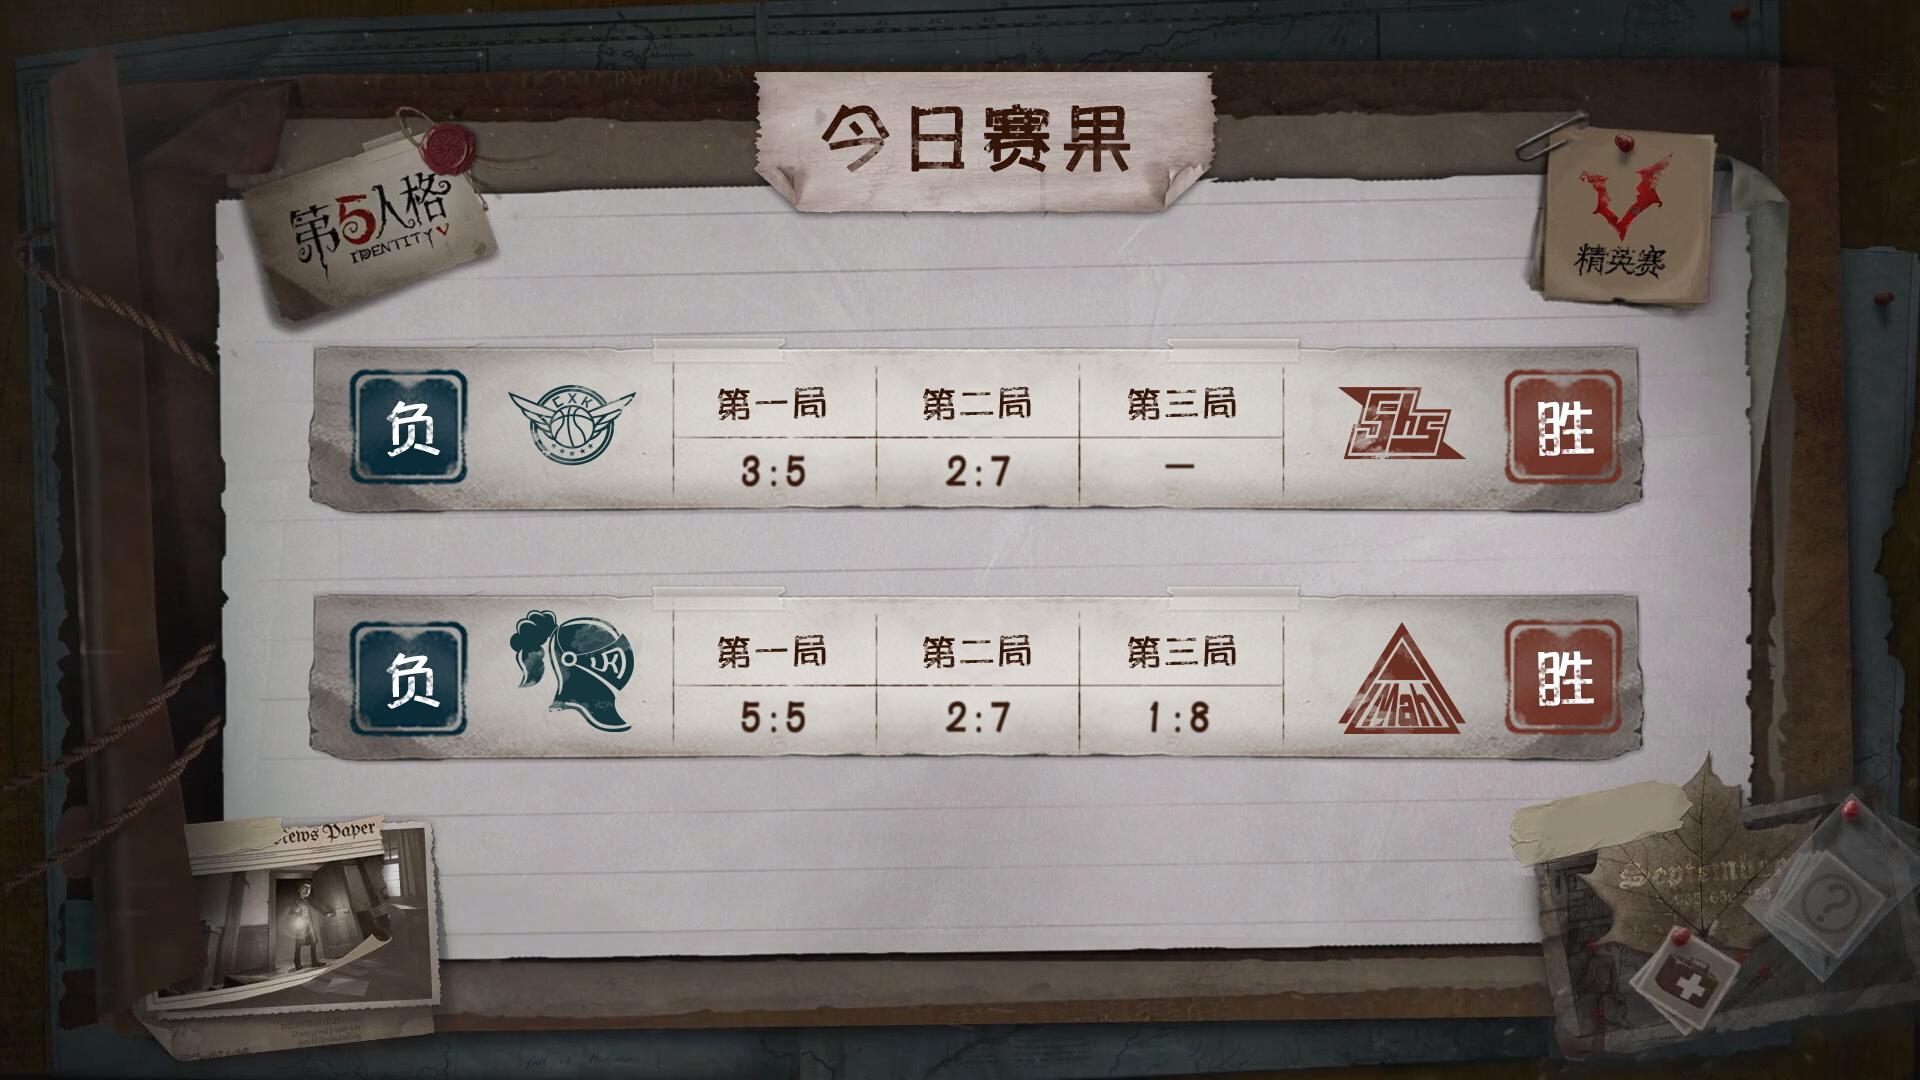 7月5日 小组赛 Mah vs UKN